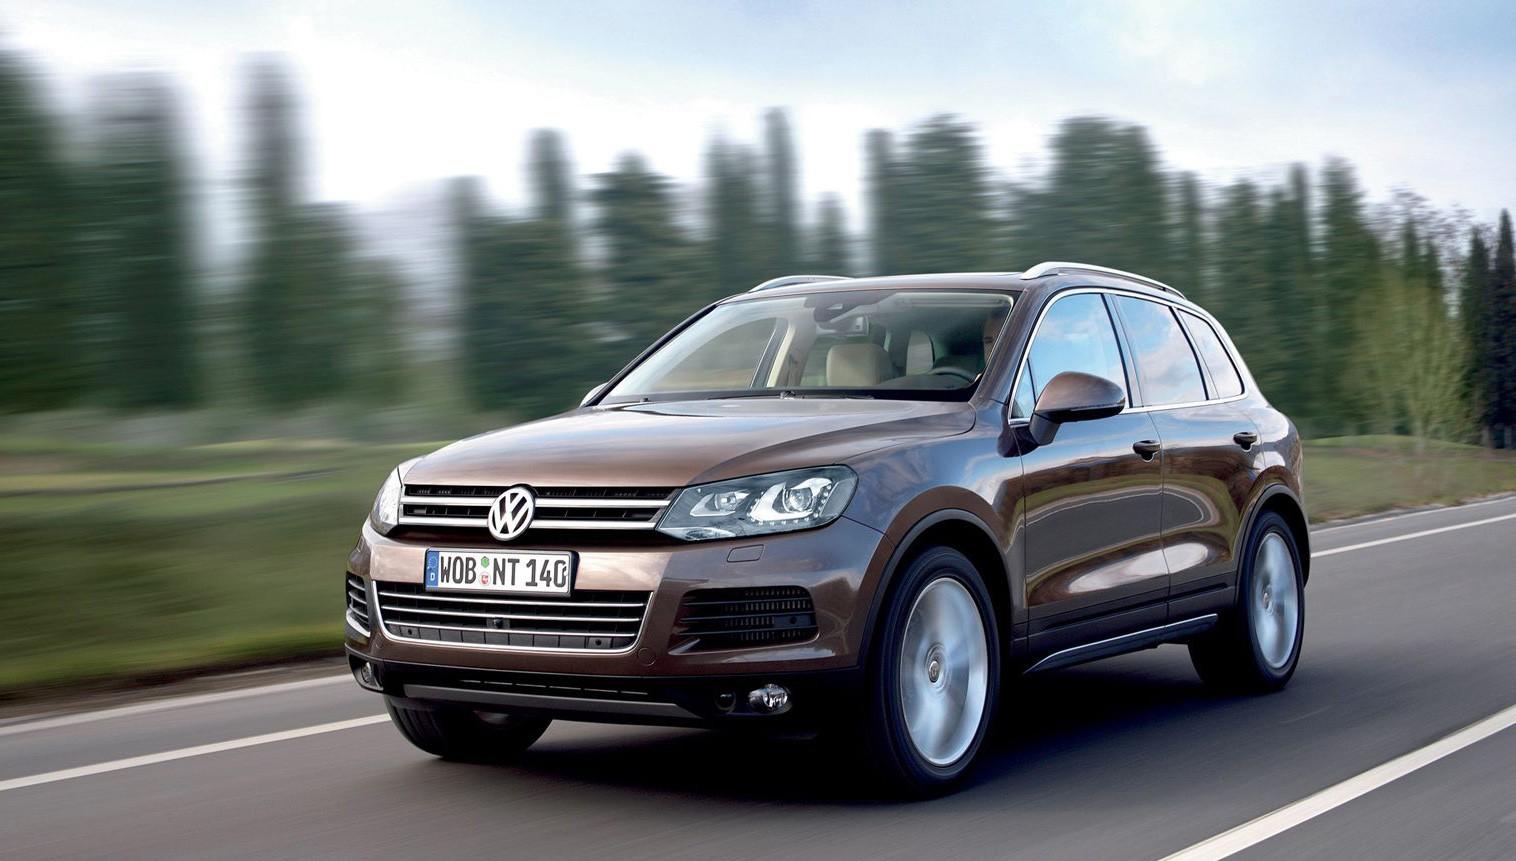 Volkswagen прекратили продажи ряда версий Touareg в России